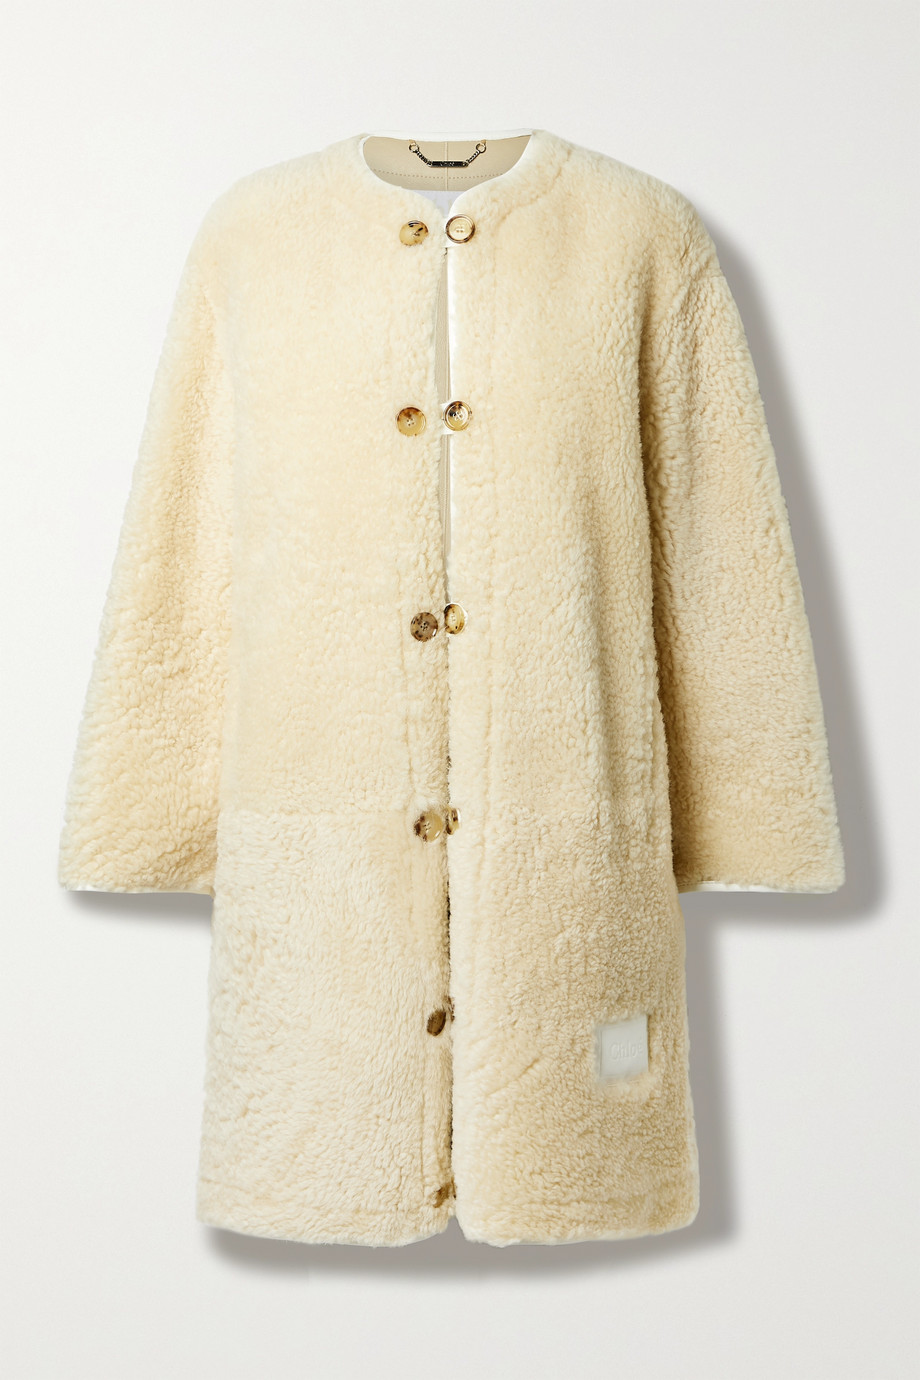 Chloé Manteau en peau lainée